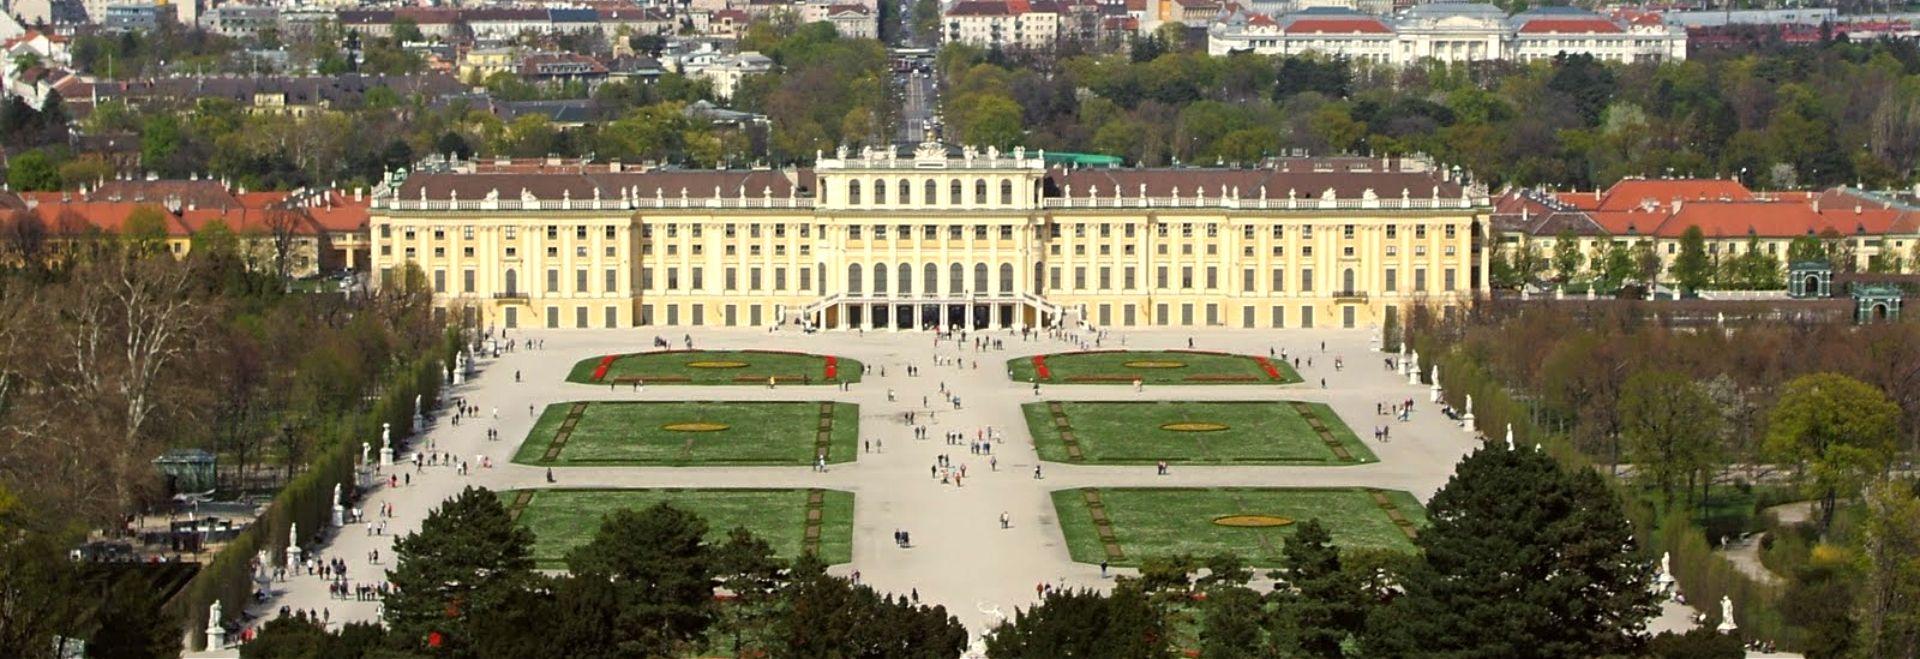 Schonbrunn Palace Hero